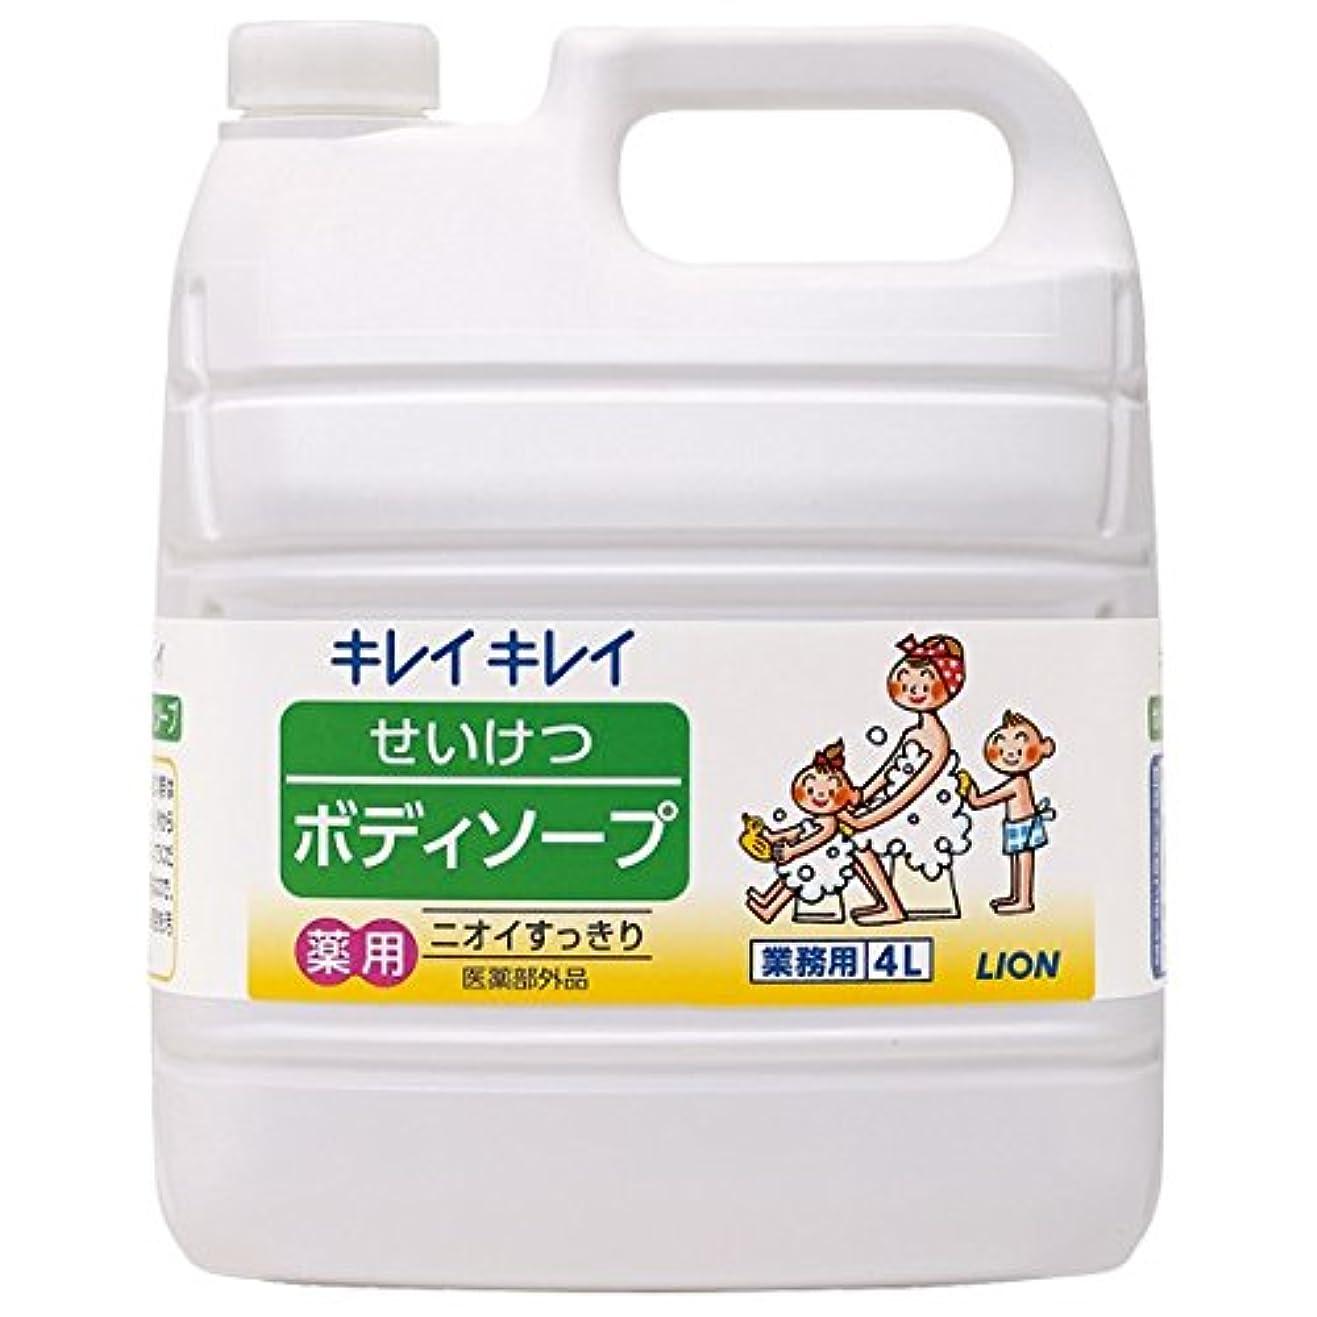 シマウマ抑制固めるライオン キレイキレイ せいけつボディソープ さわやかなレモン&オレンジの香り 業務用 4L×3本